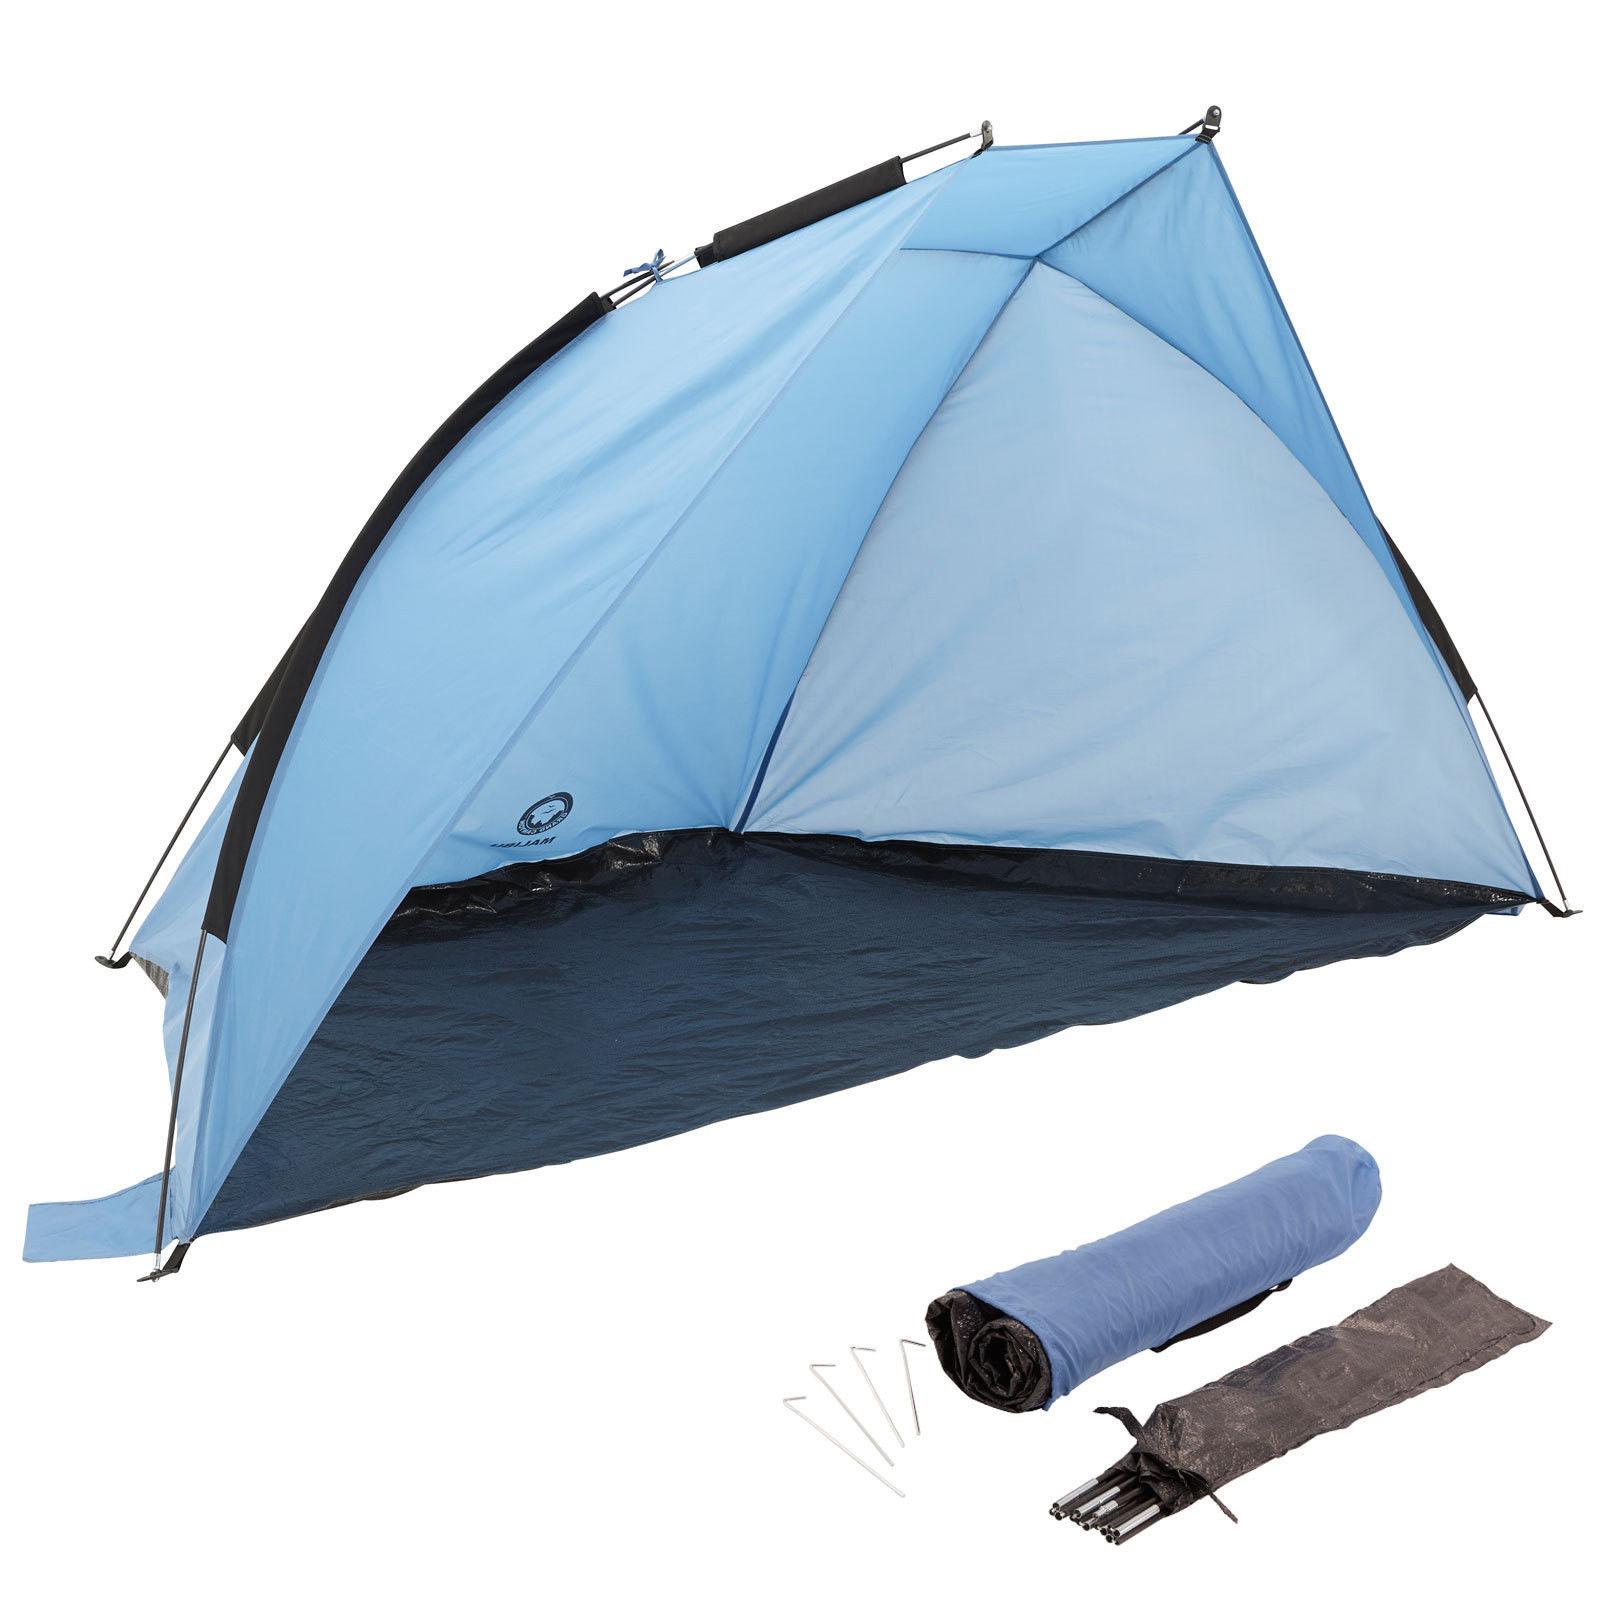 VANGO 5 Pole Windschutz XL 550x160 Camping Sichtschutz